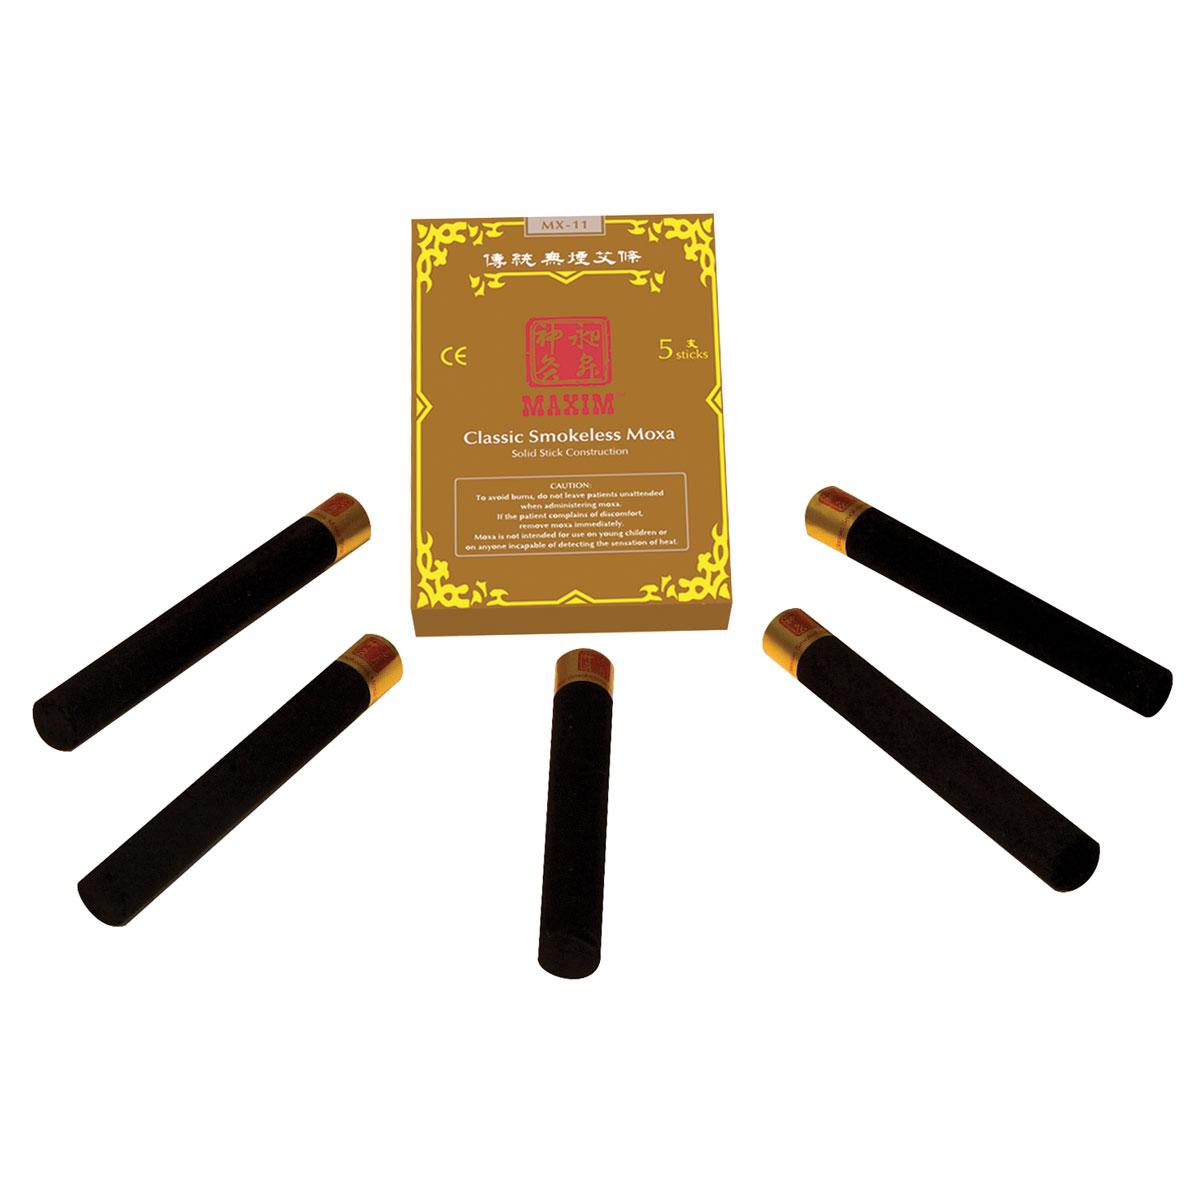 Maxim Smokeless Moxa 5 Sticks W70112 Helio Medical